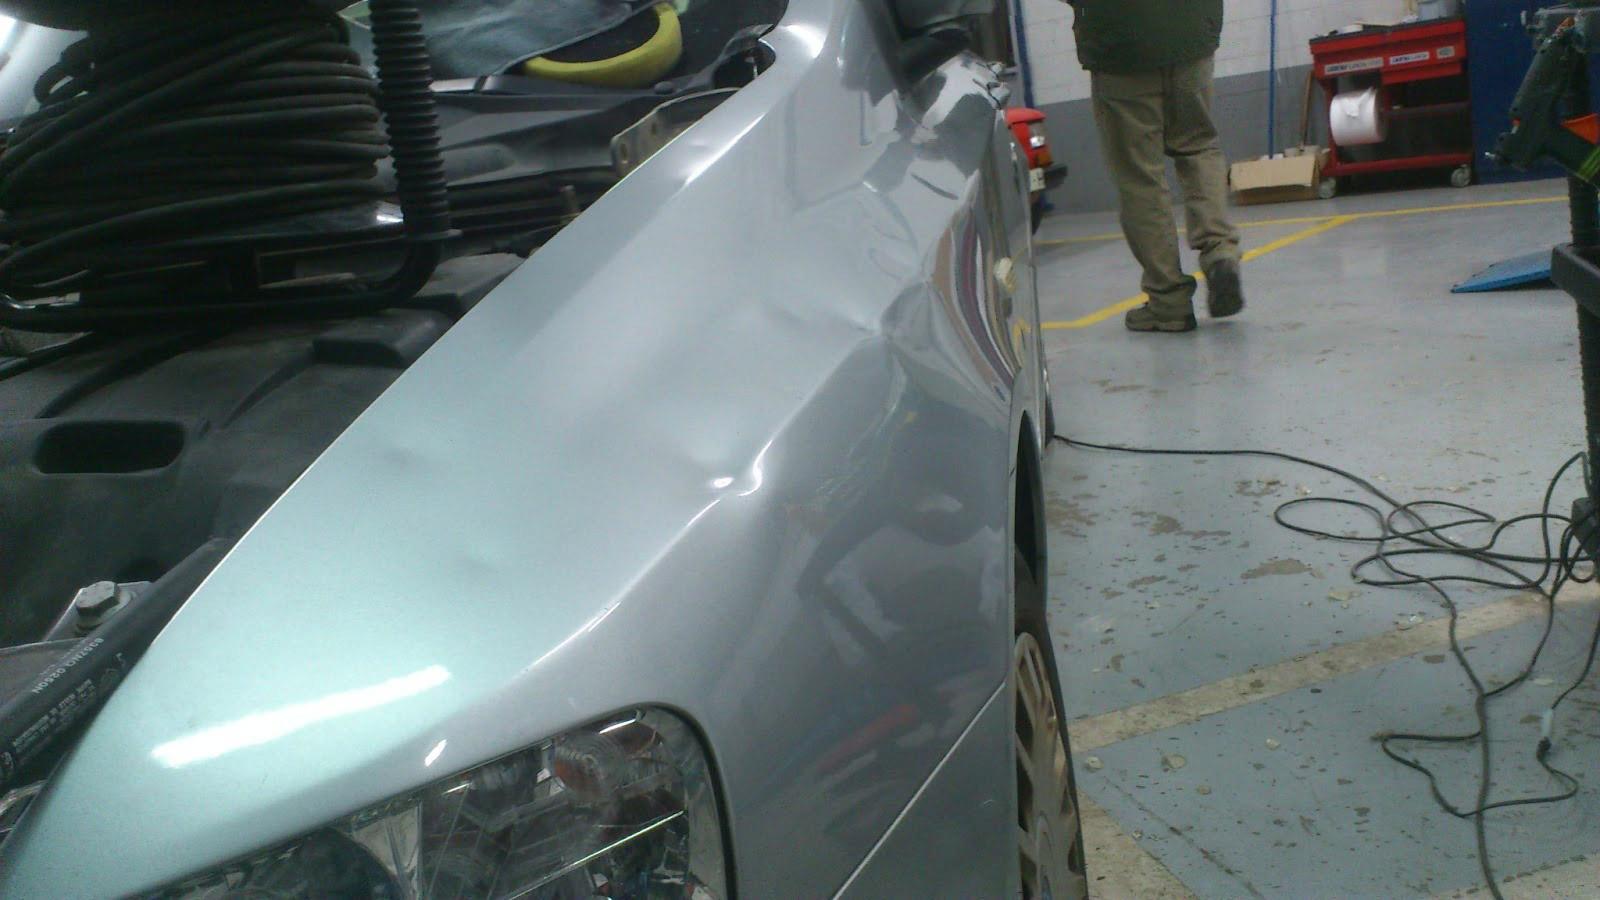 Ejemplos de cómo es posible sacar golpes en coches sin necesidad de pintar.